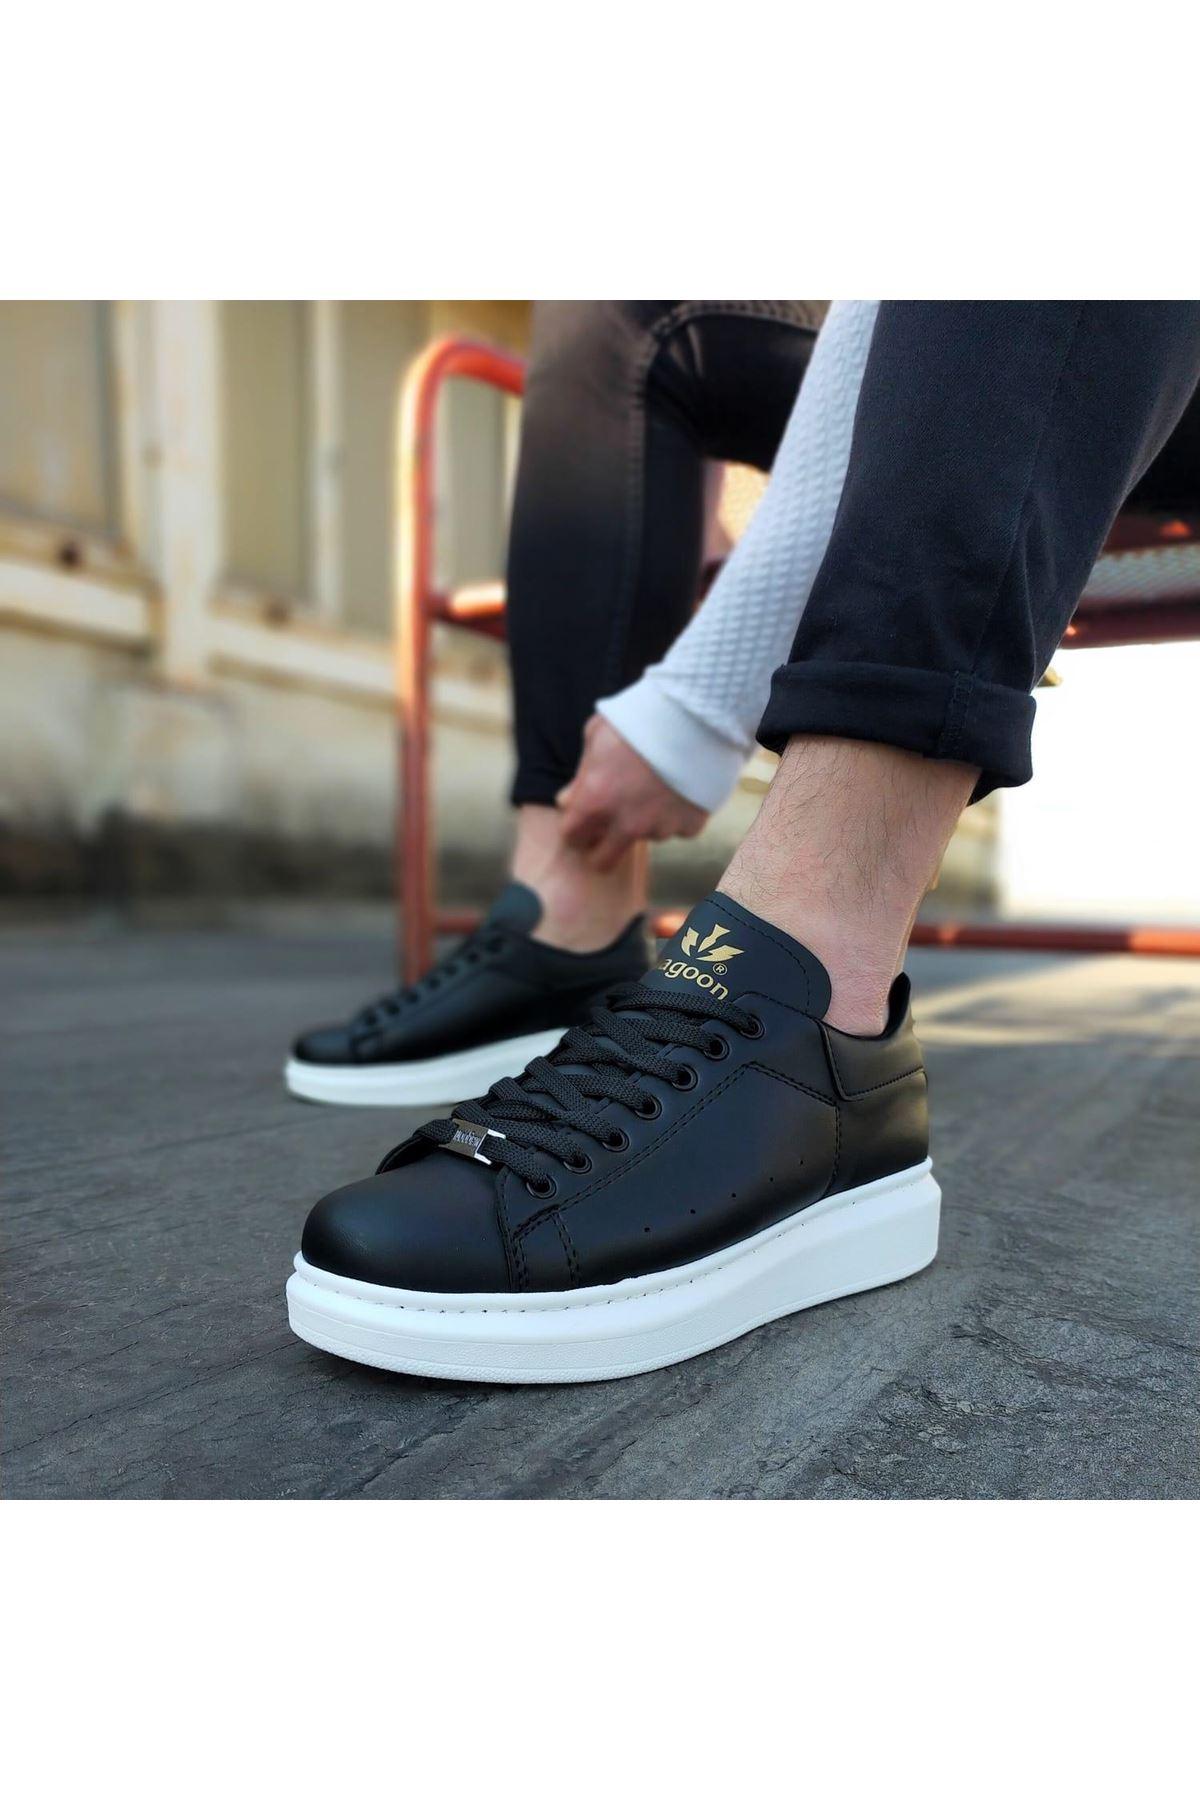 Wagoon WG501  Siyah Erkek Yüksek Taban  Ayakkabı